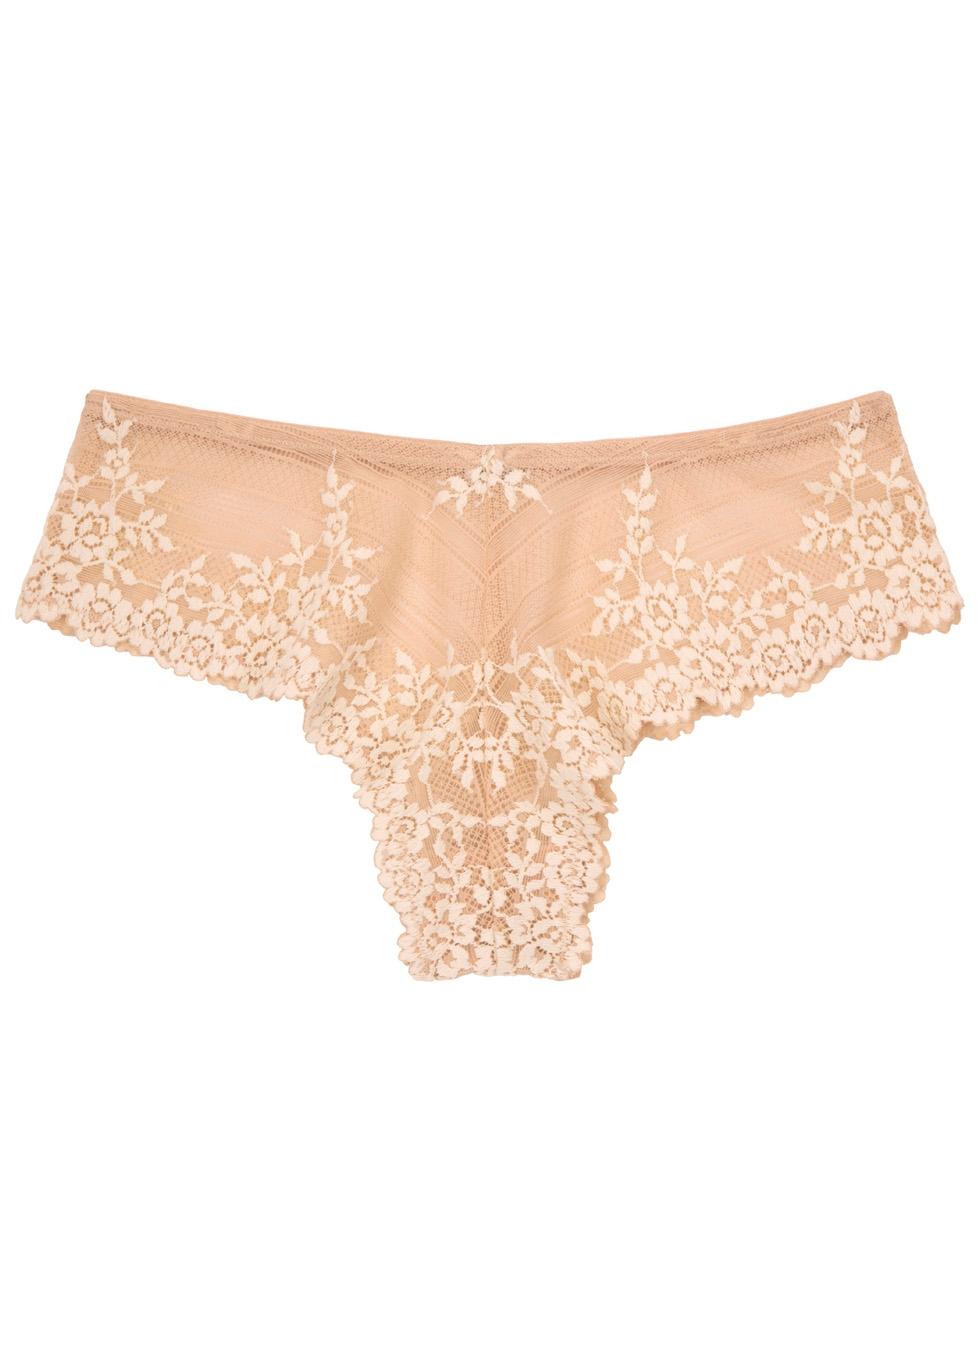 Embrace Lace blush briefs - Wacoal